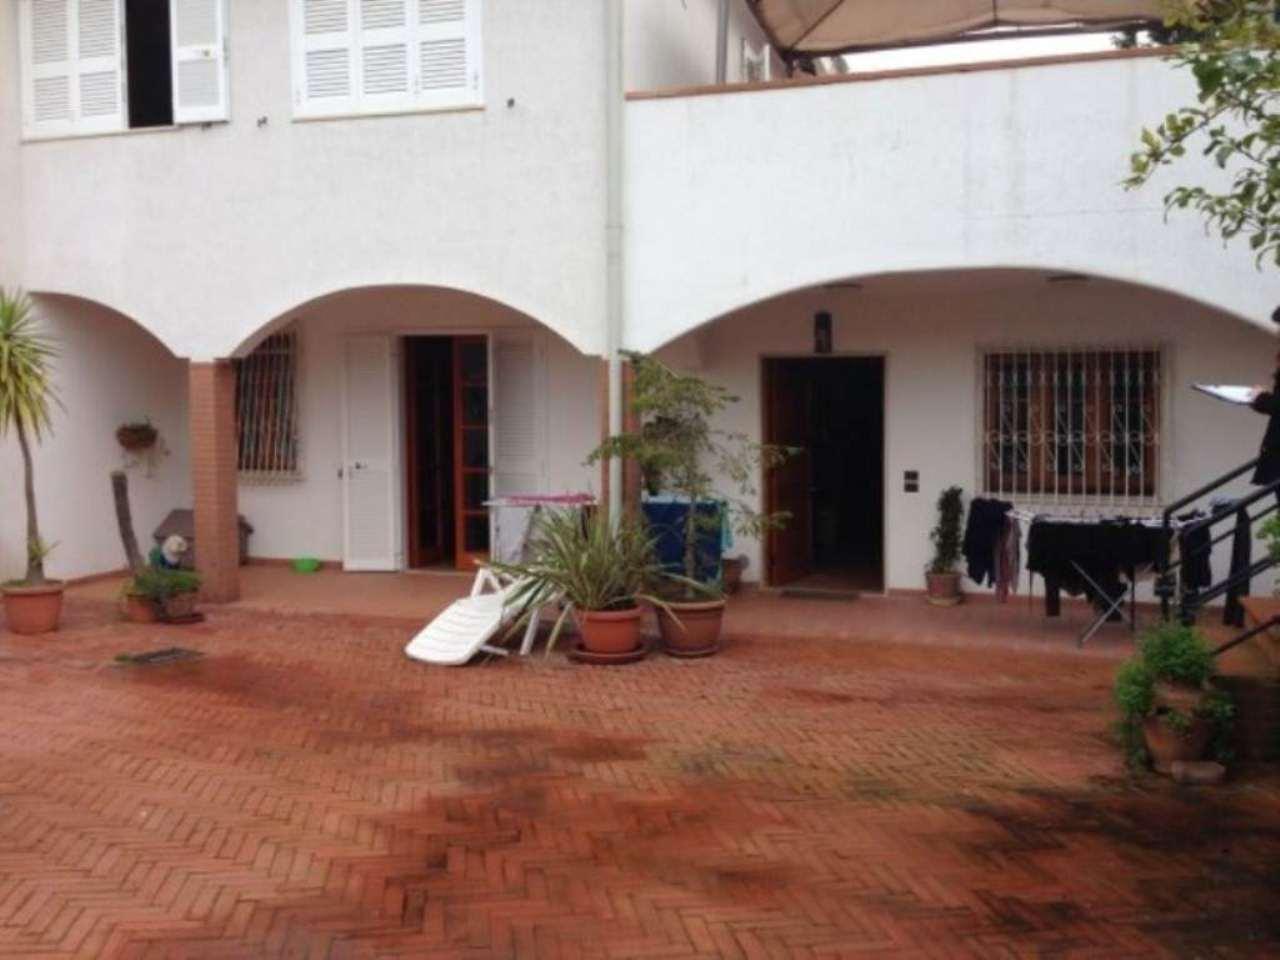 Appartamento in vendita a San Sebastiano al Vesuvio, 9999 locali, prezzo € 650.000 | CambioCasa.it